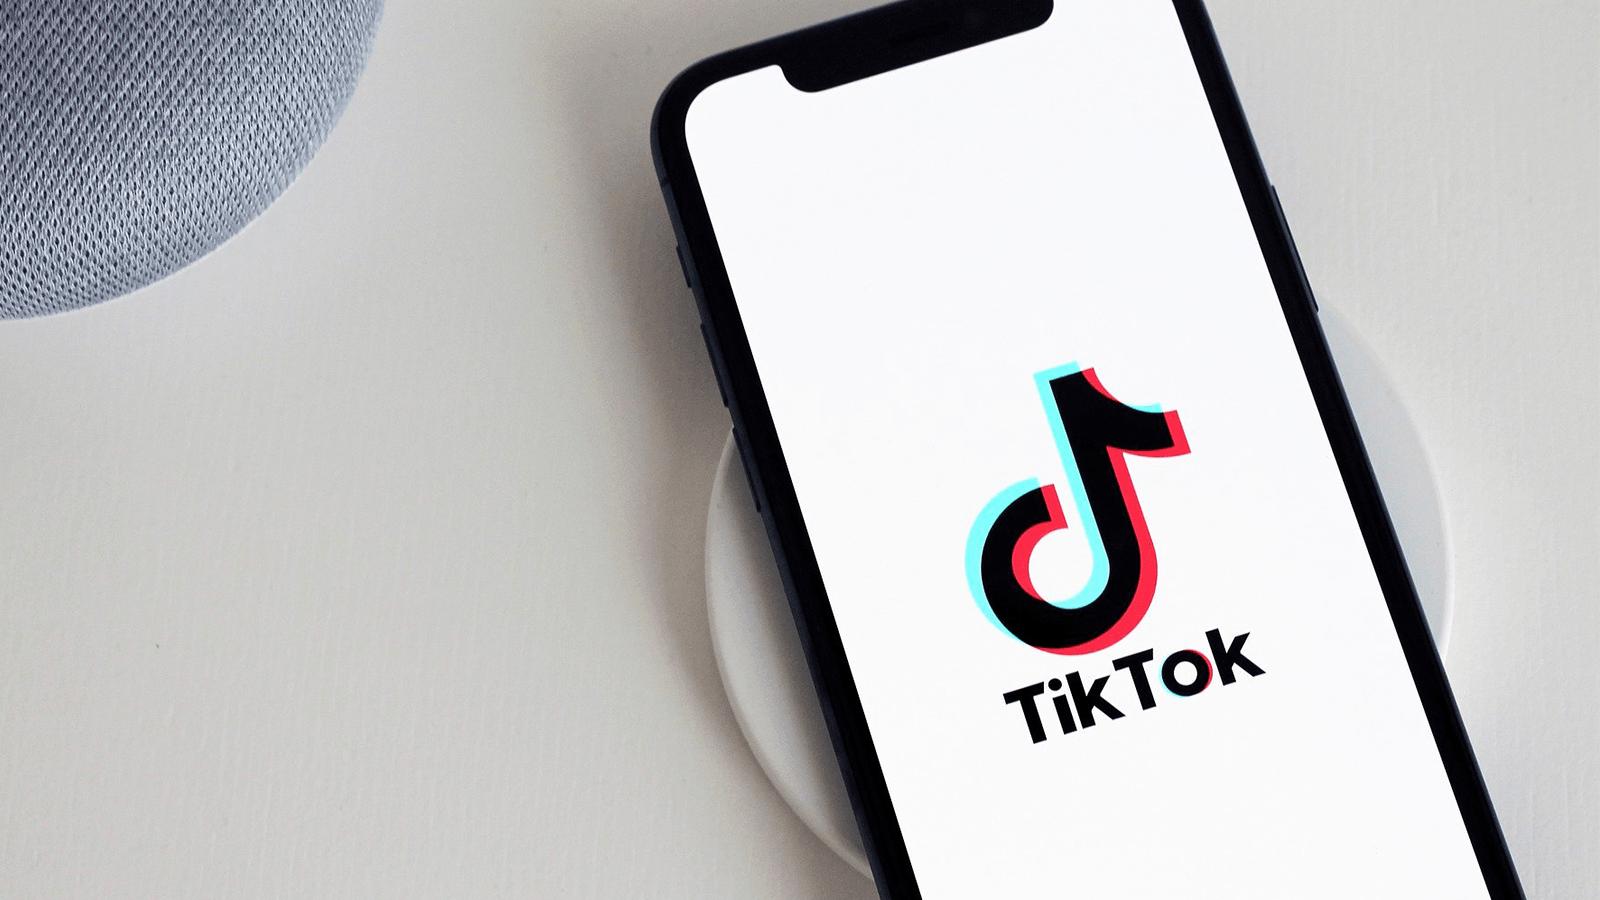 TikTok bug